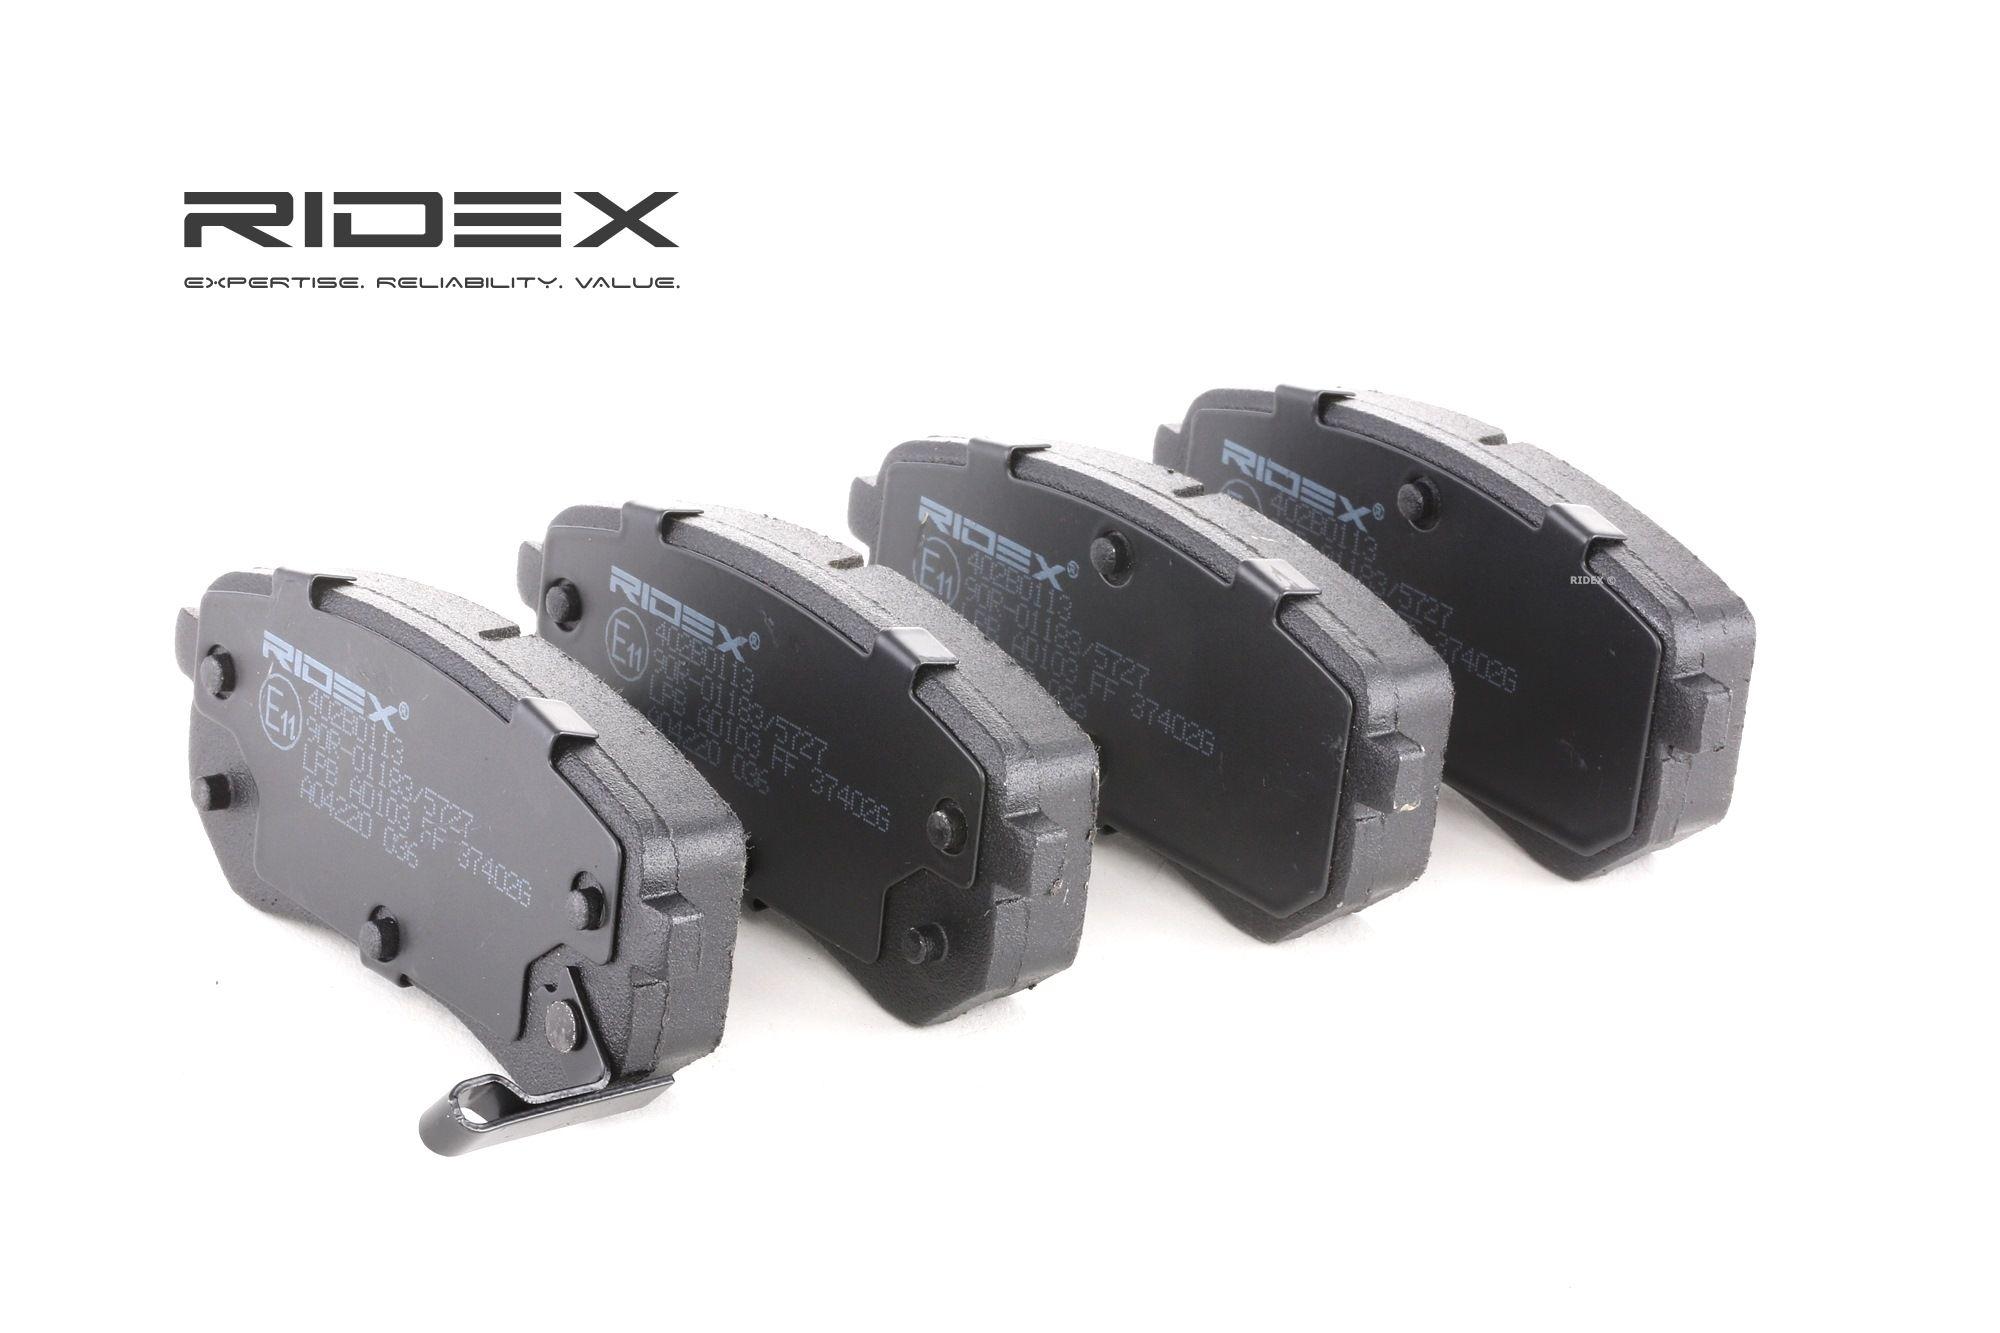 402B0113 RIDEX Bakaxel, med akustisk slitagevarnare H: 41mm, B: 92,5mm, Tjocklek: 14,8mm Bromsbeläggssats, skivbroms 402B0113 köp lågt pris